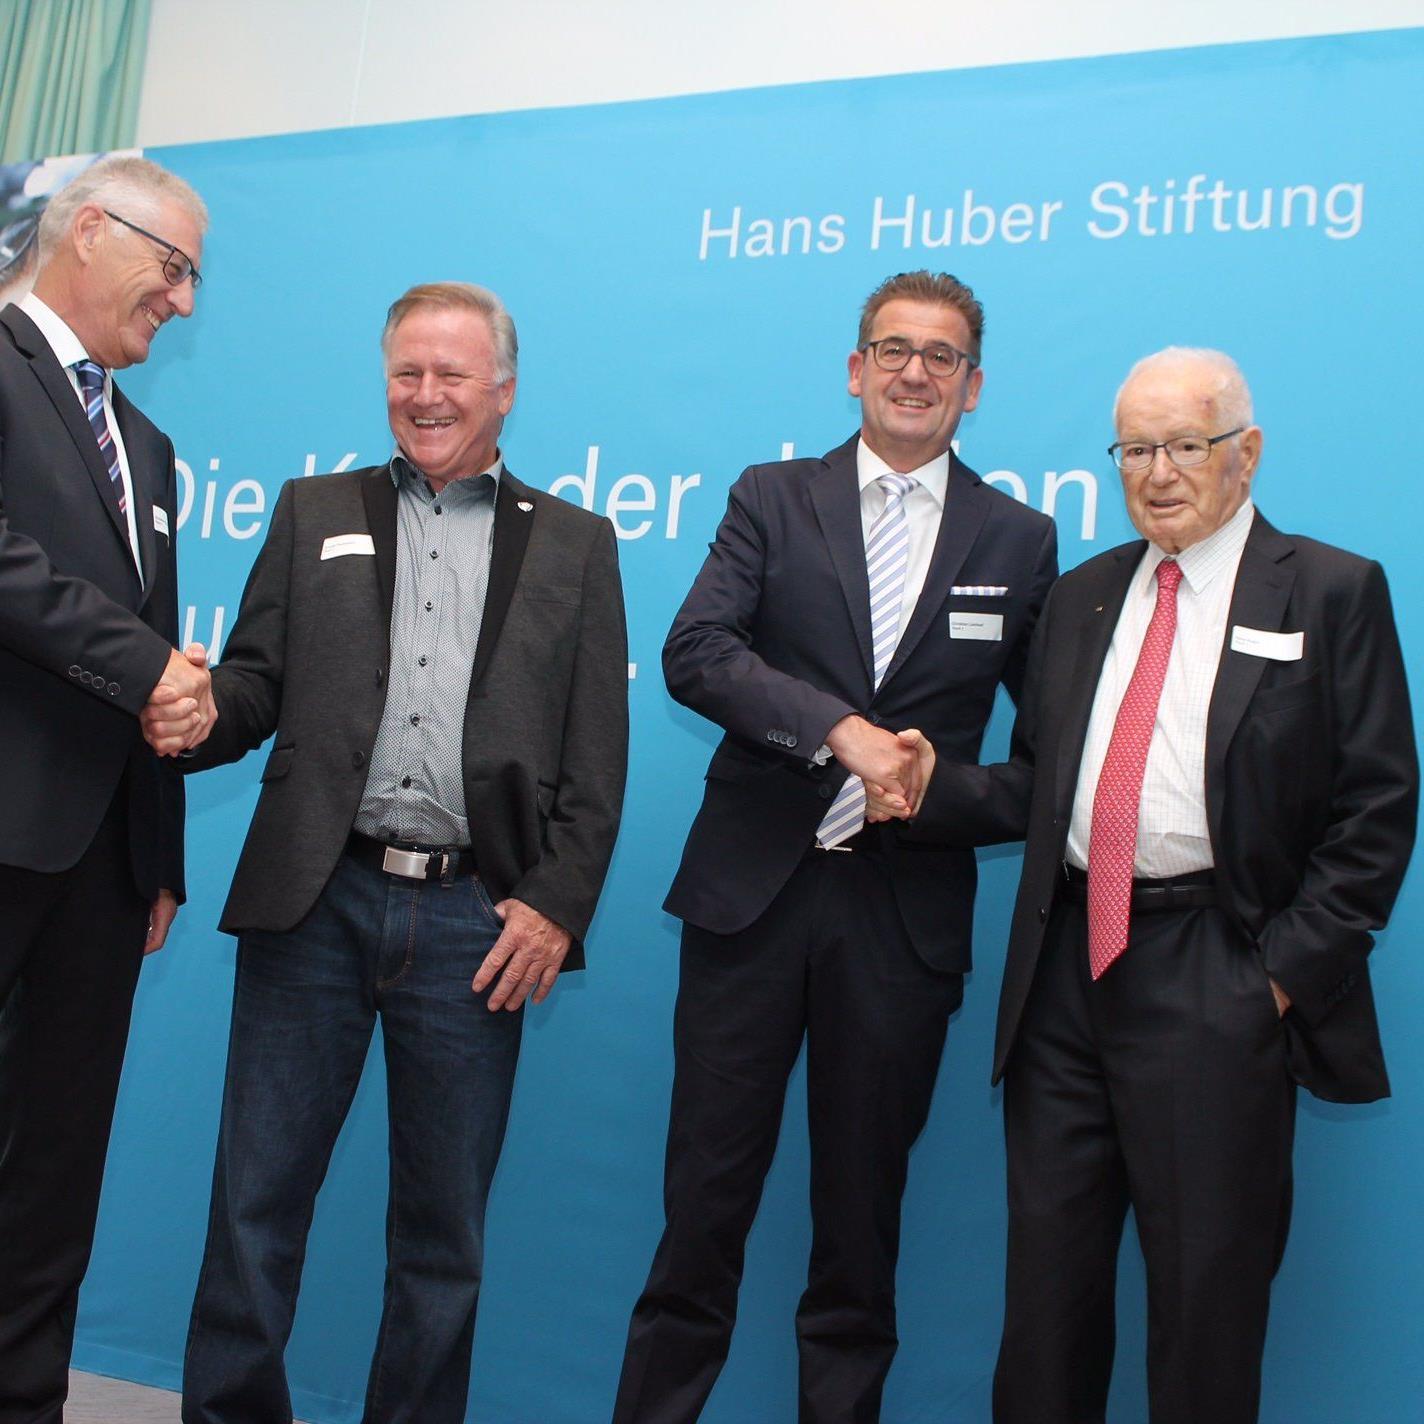 Die diesjährigen Anerkennungspreisträger der Hans Huber Stiftung Arnold Feuerstein und Christian Lienhard umrahmt von Stiftungsratspräsident Christian Fiechter (links) und Ehrenpräsident Hans Huber (rechts).